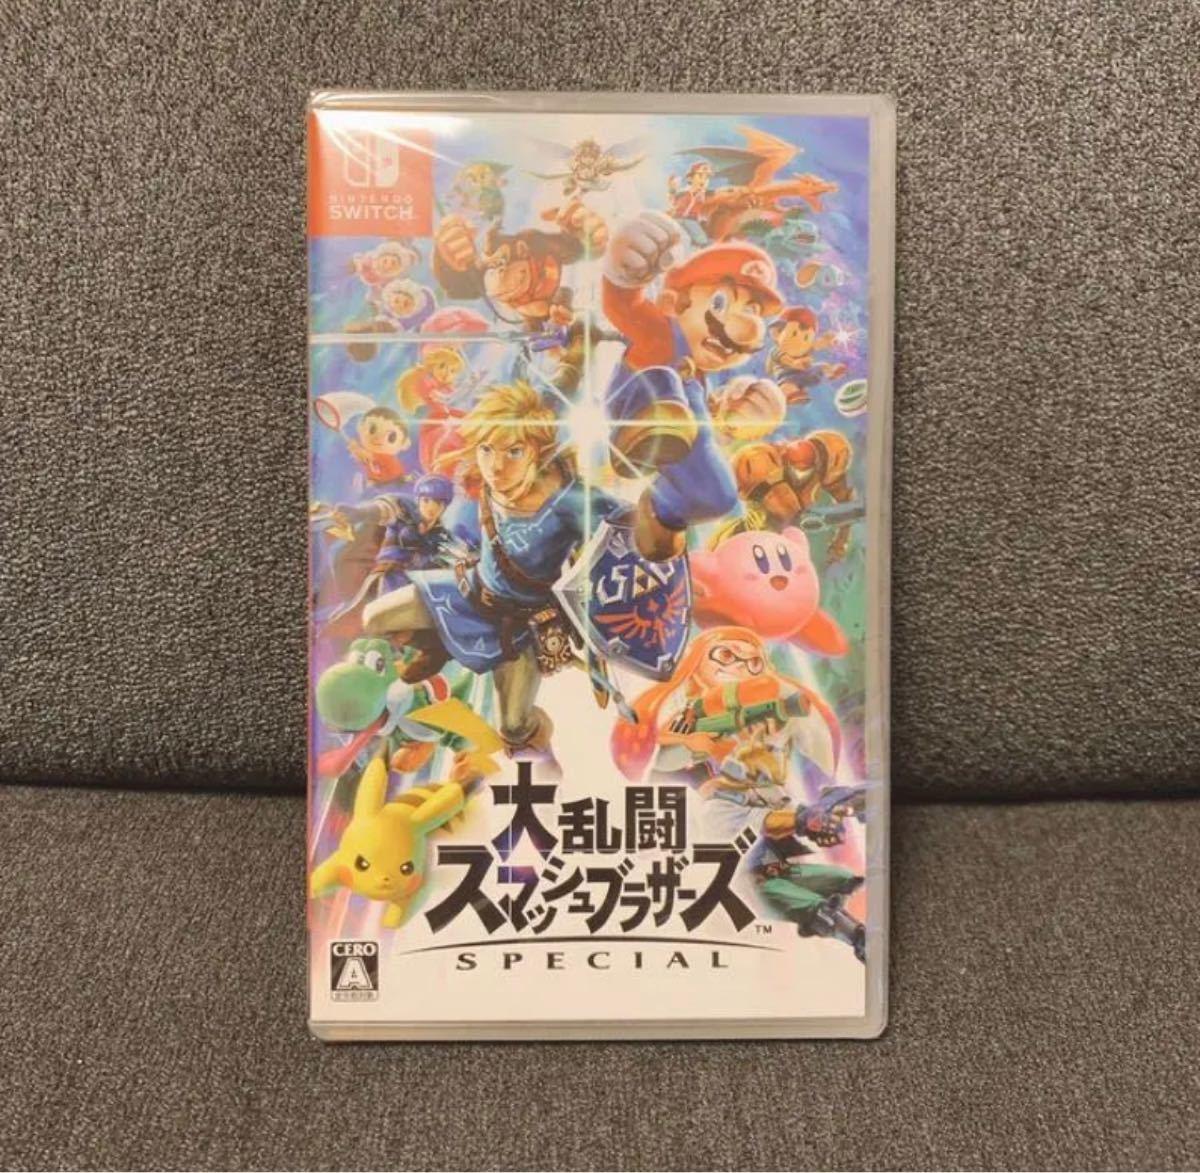 任天堂スイッチソフト 大乱闘スマッシュブラザーズ SPECIAL